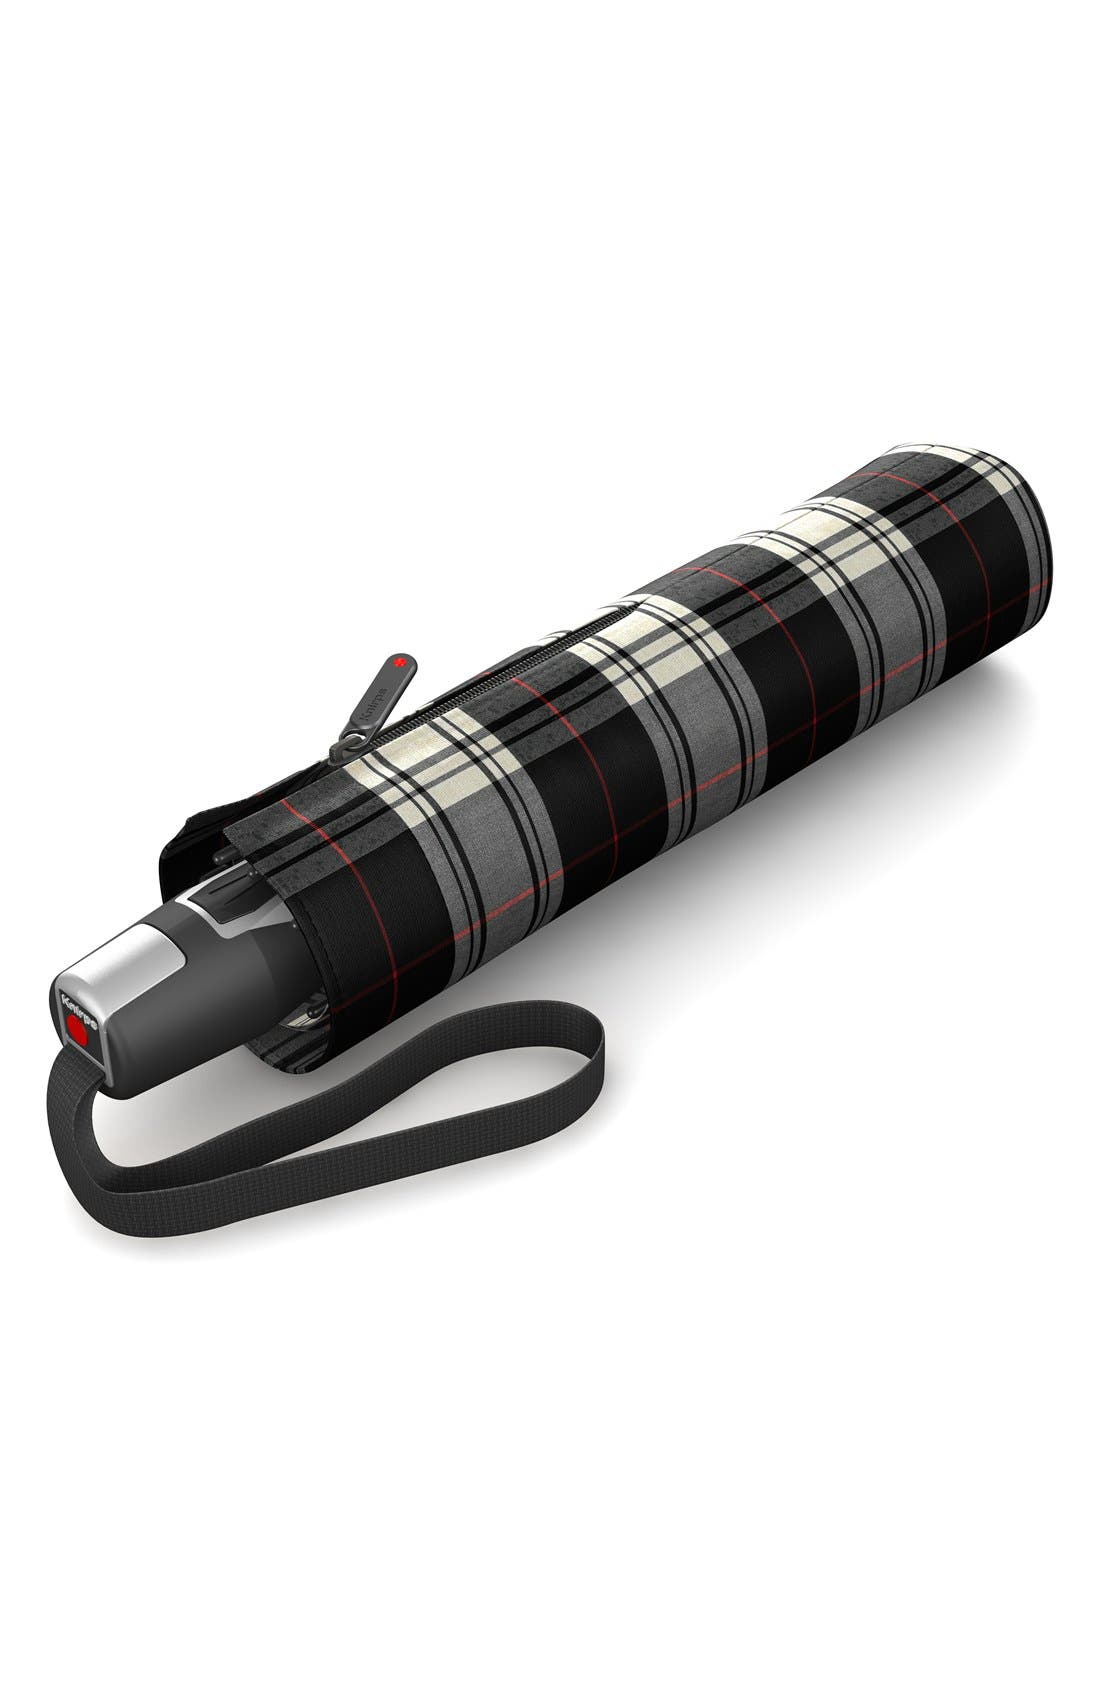 Alternate Image 2  - Knirps 'Duomatic' Umbrella